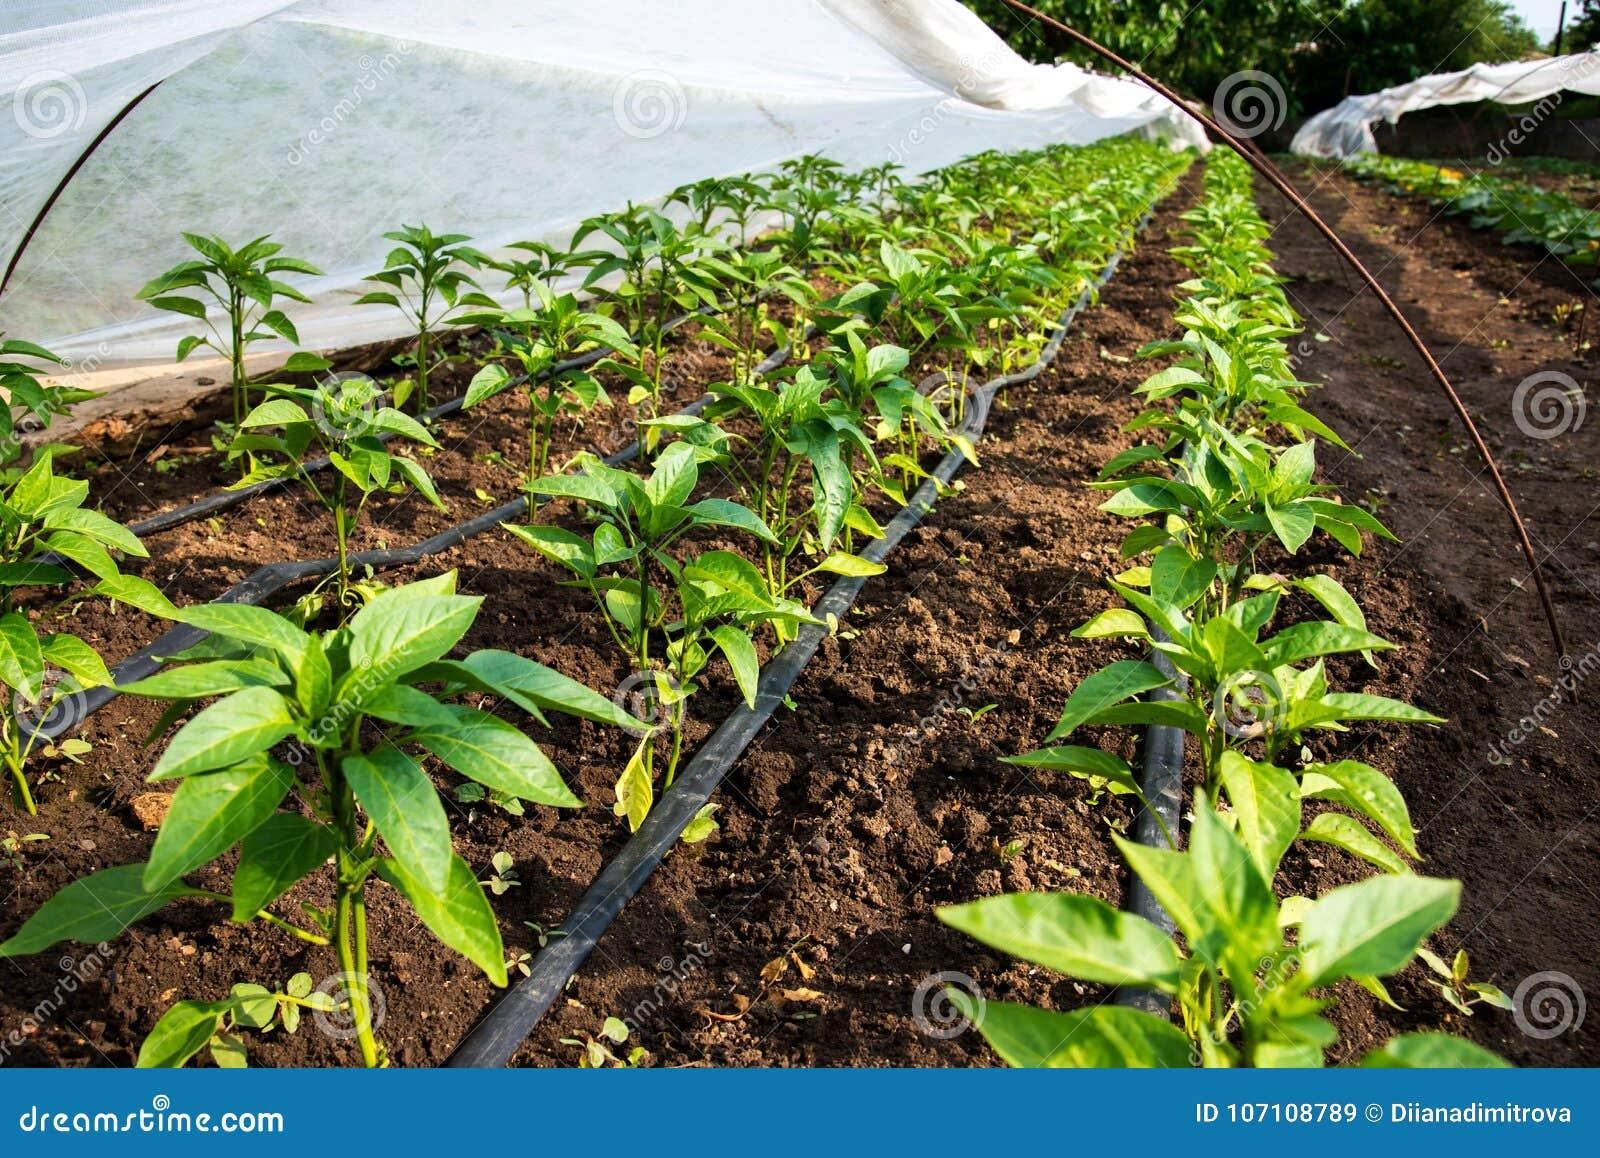 有胡椒植物和水滴灌溉的温室